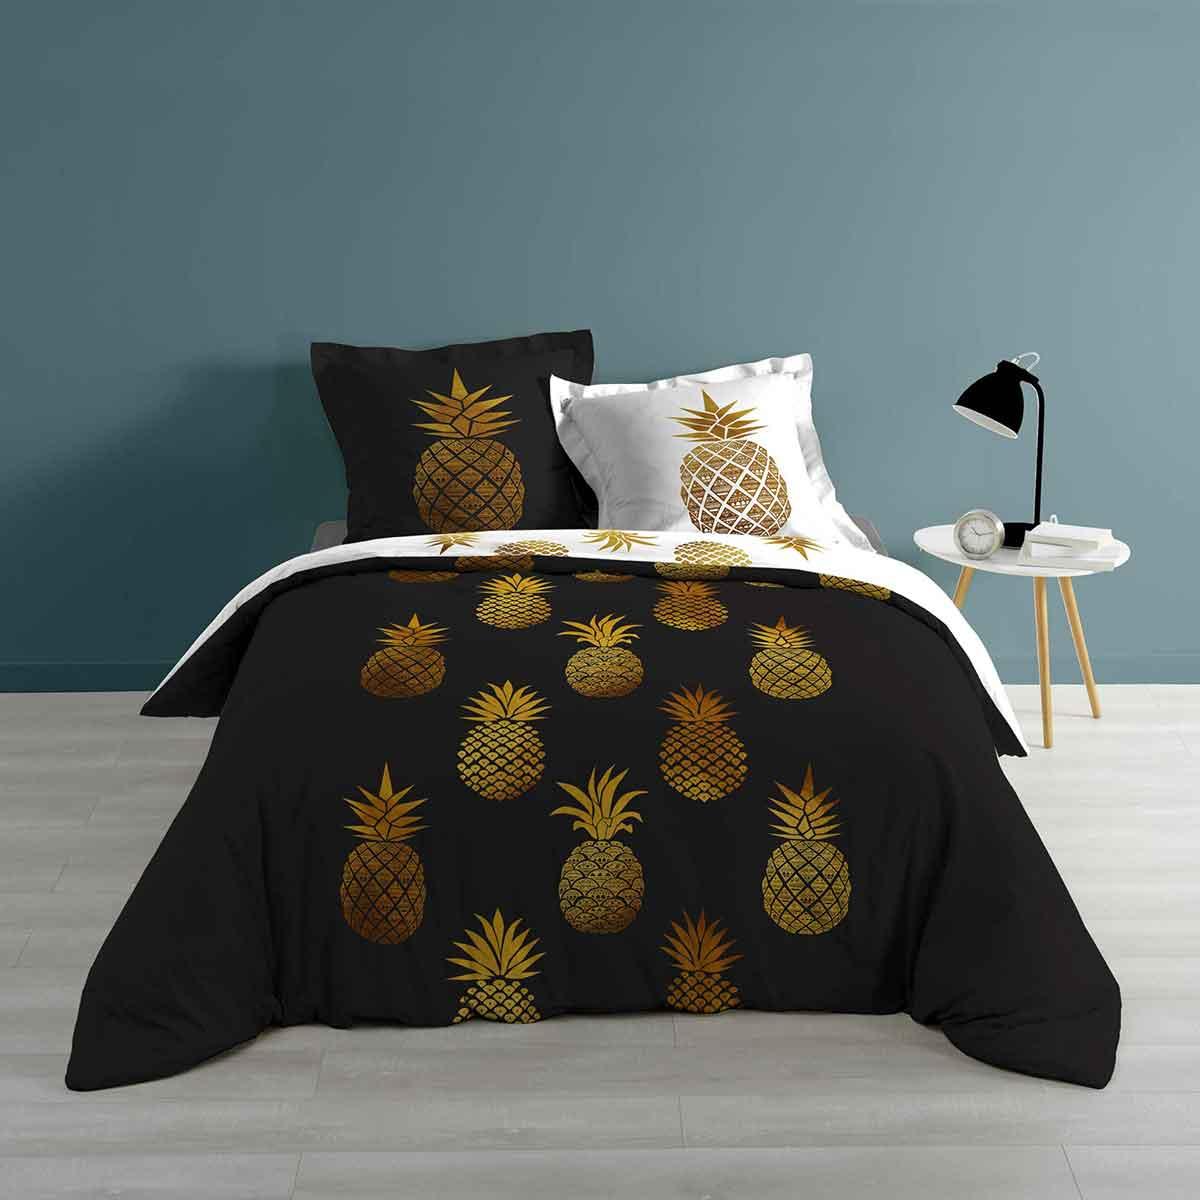 Parure de couette Ananas en noir & blanc - Noir / Blanc - 240 x 220 cm